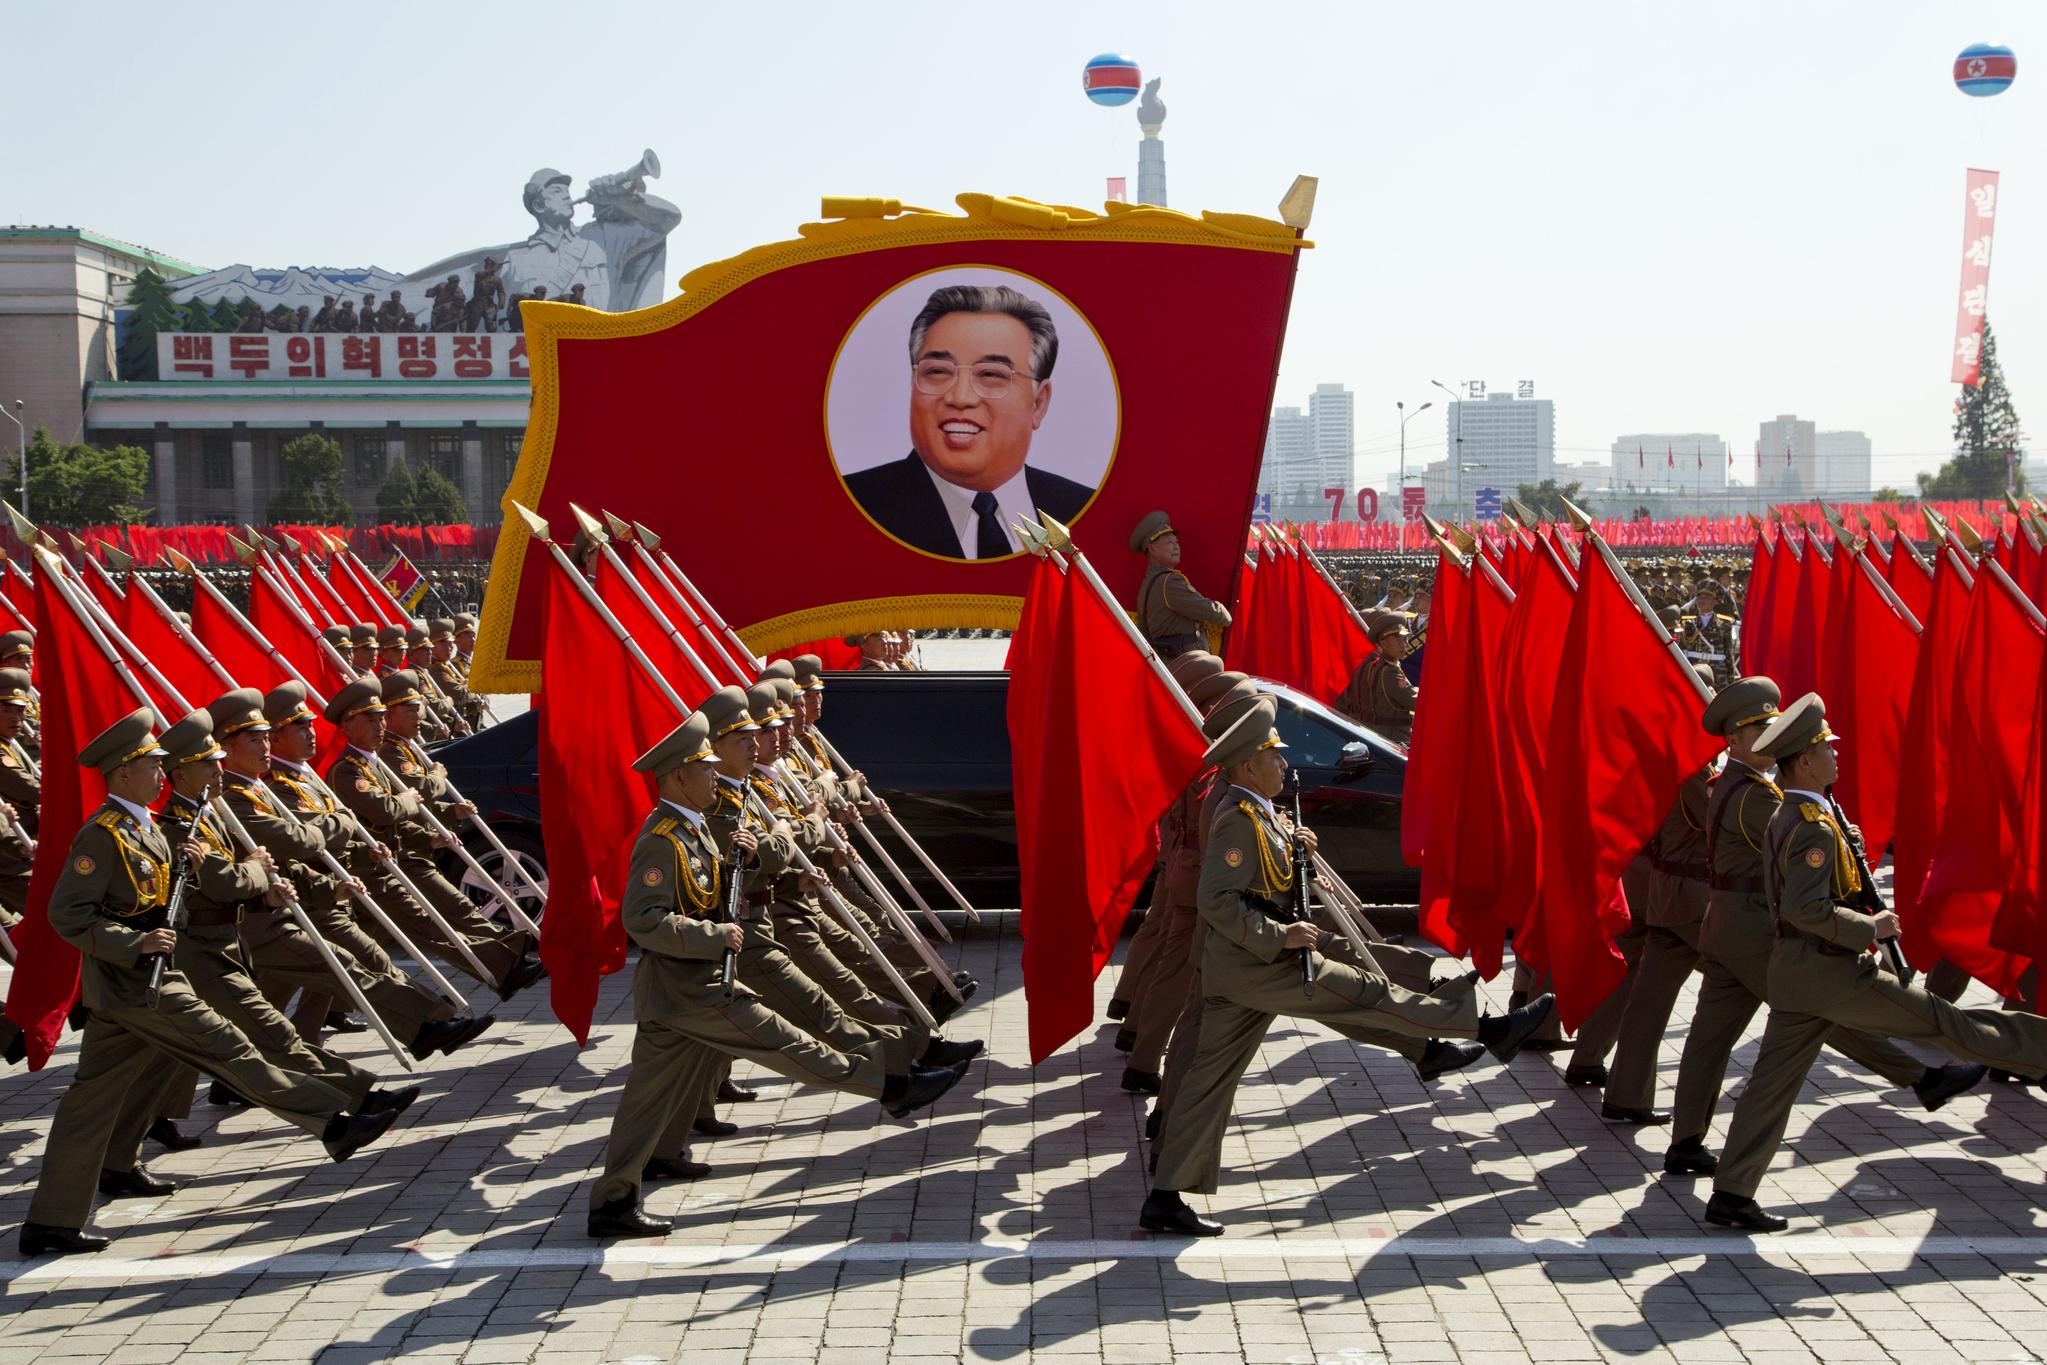 9일 북한 평양 김일성 광장에서 열린 북한 정권수립 70주년 기념 열병식에서 군사 퍼레이드가 펼쳐지고 있다.[AP=연합뉴스]